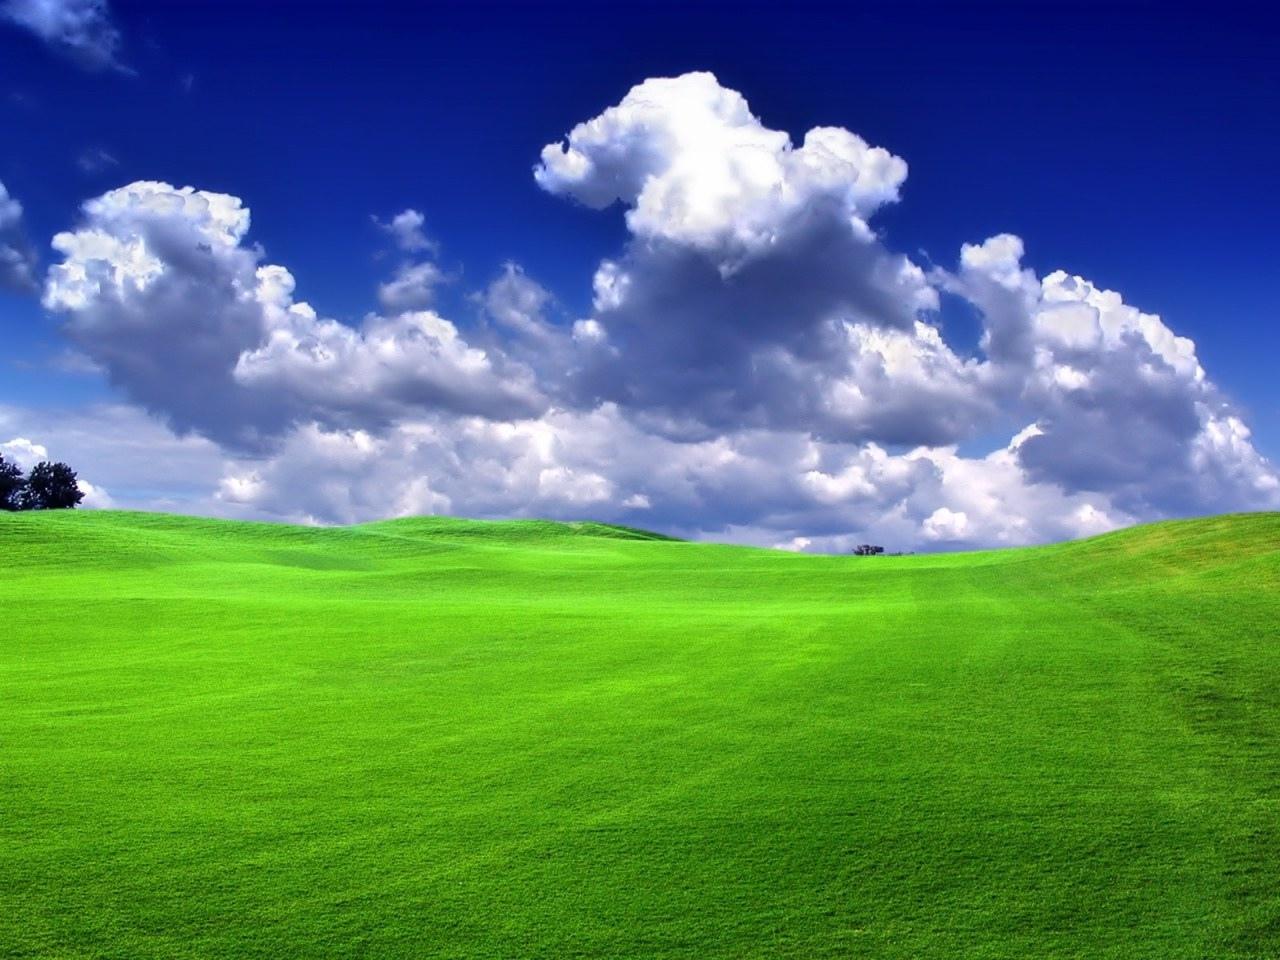 зеленая травка, холмы, windows XP green wallpapers, скачать обои для рабочего стола